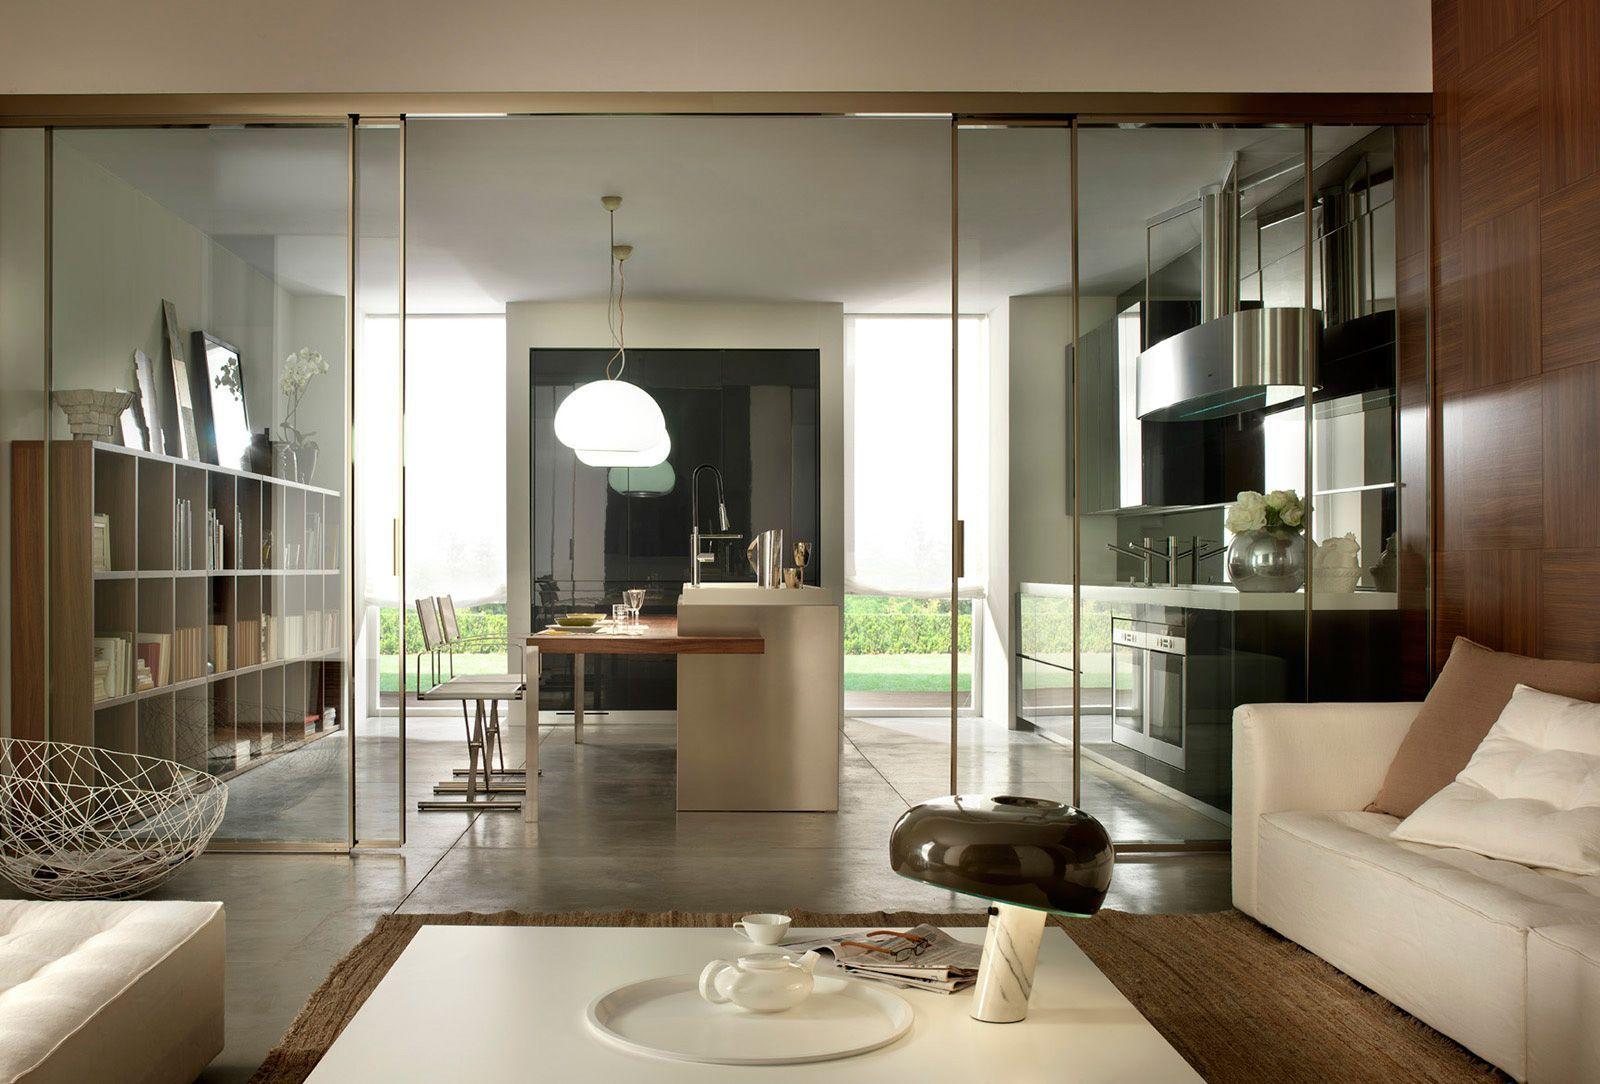 Me encanta esta cocina de dise o integrada en el sal n con Cocinas pequenas integradas en el salon